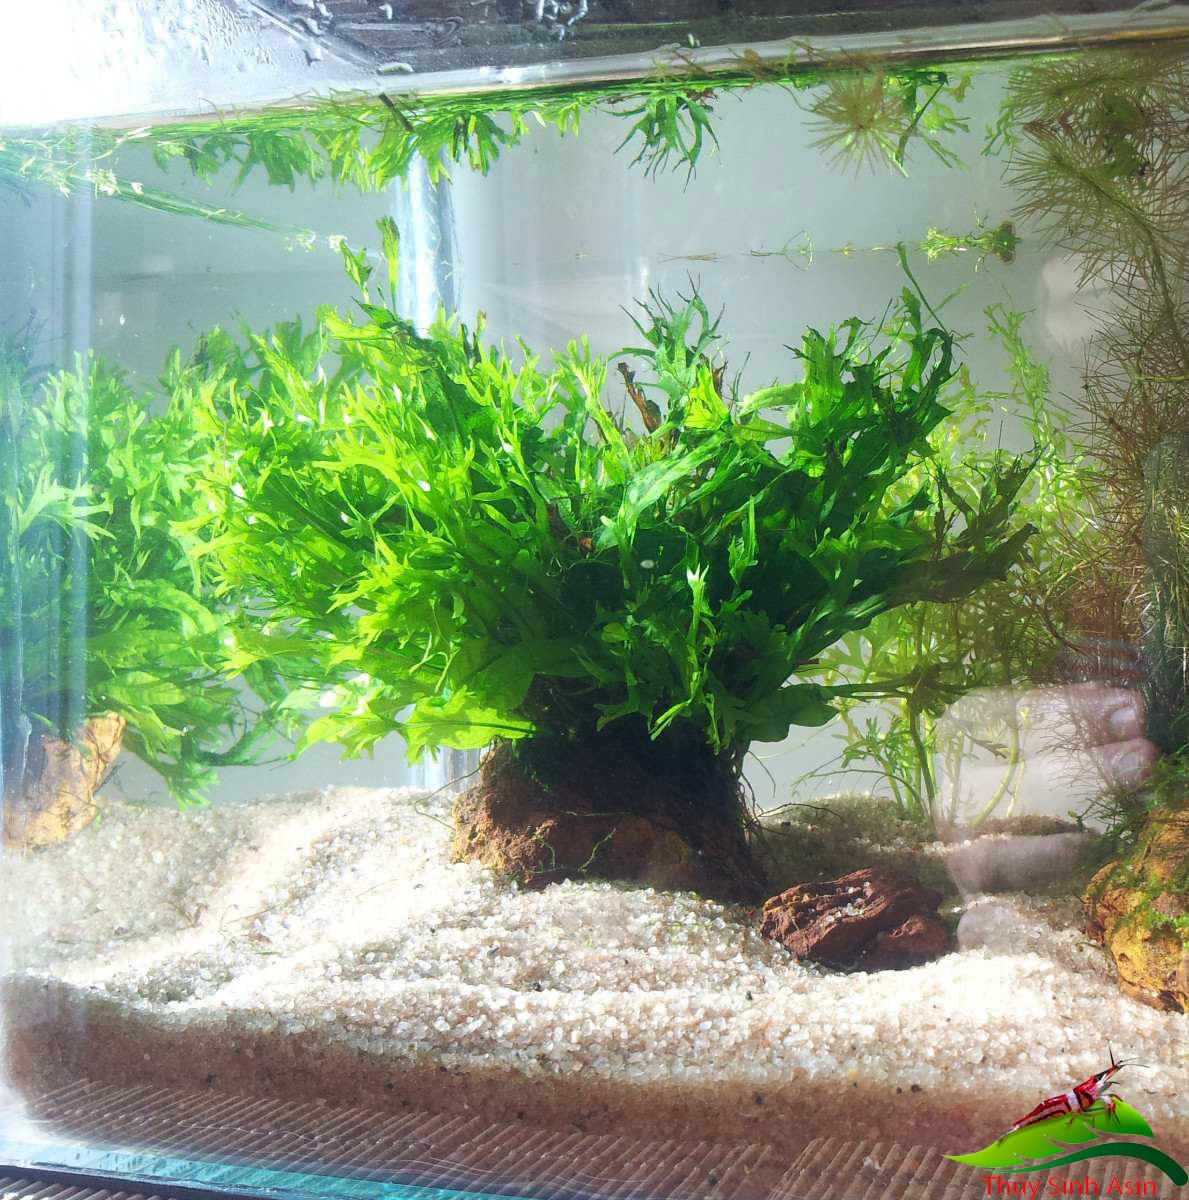 Cây Dương Xỉ Sừng Hưu có thể trồng ở hồ thủy sinh nhỏ hẹp